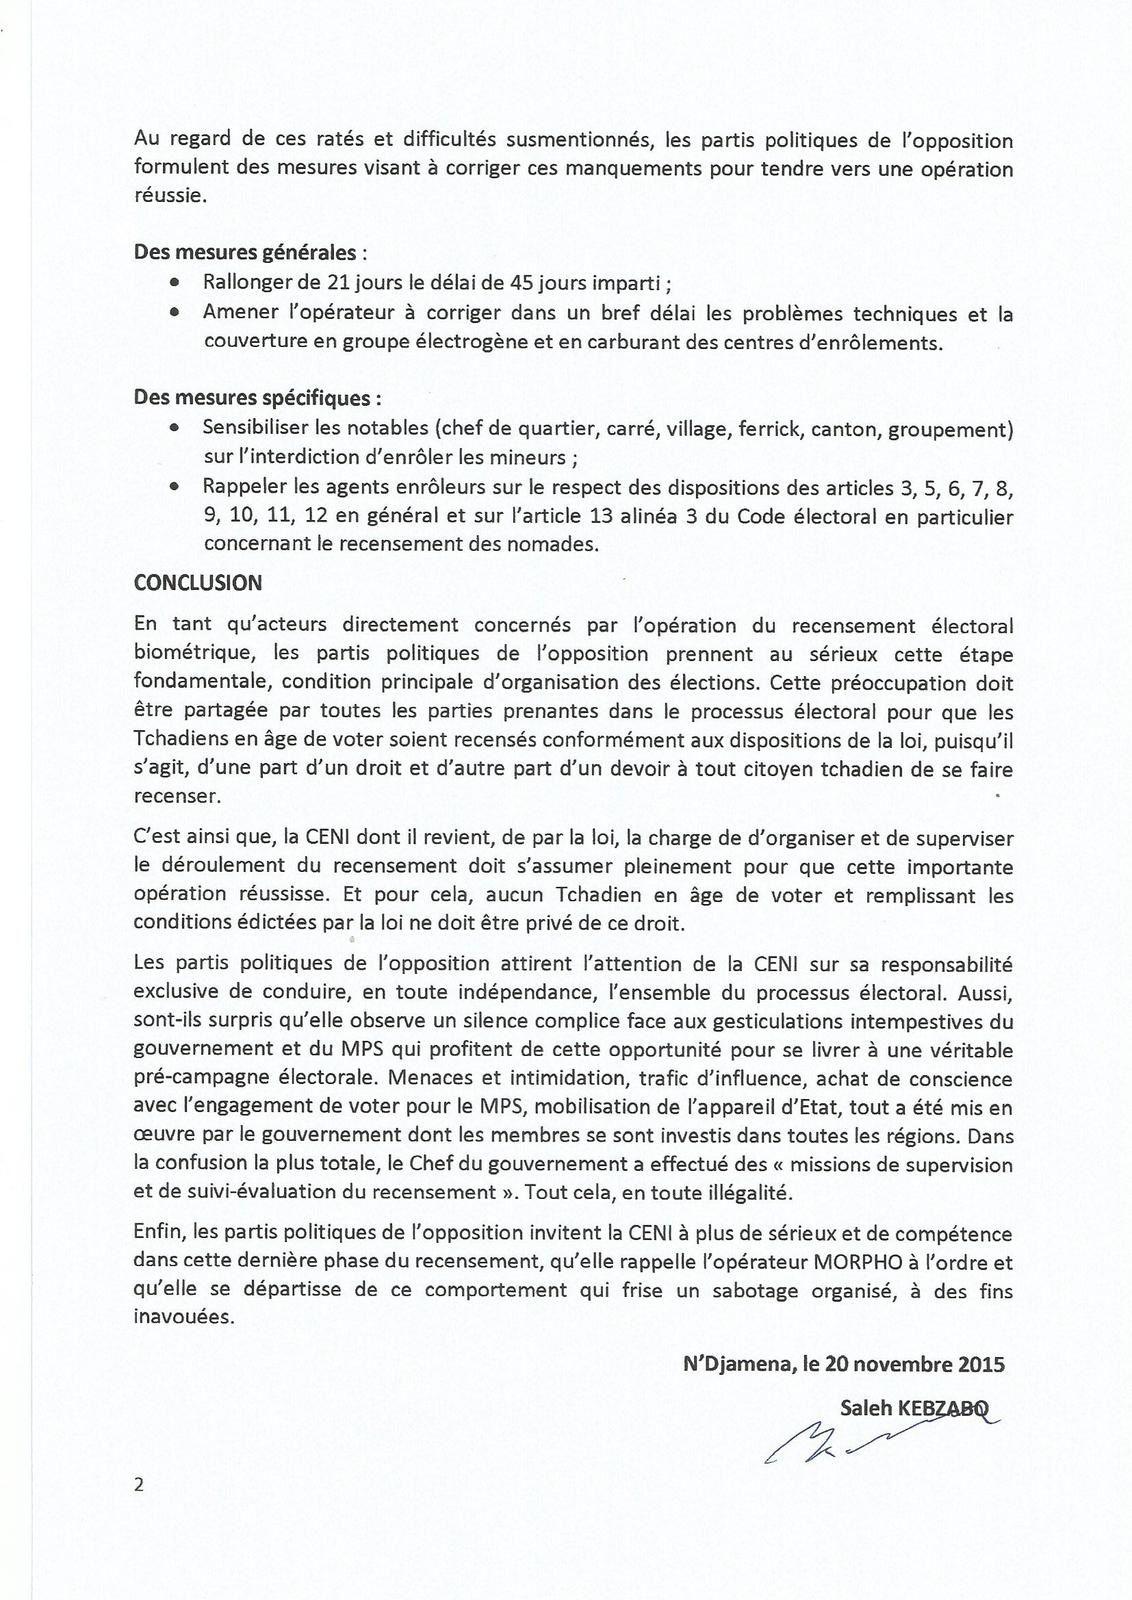 Mémorandum: l'opposition  tchadienne suspecte l'opérateur MORPHO